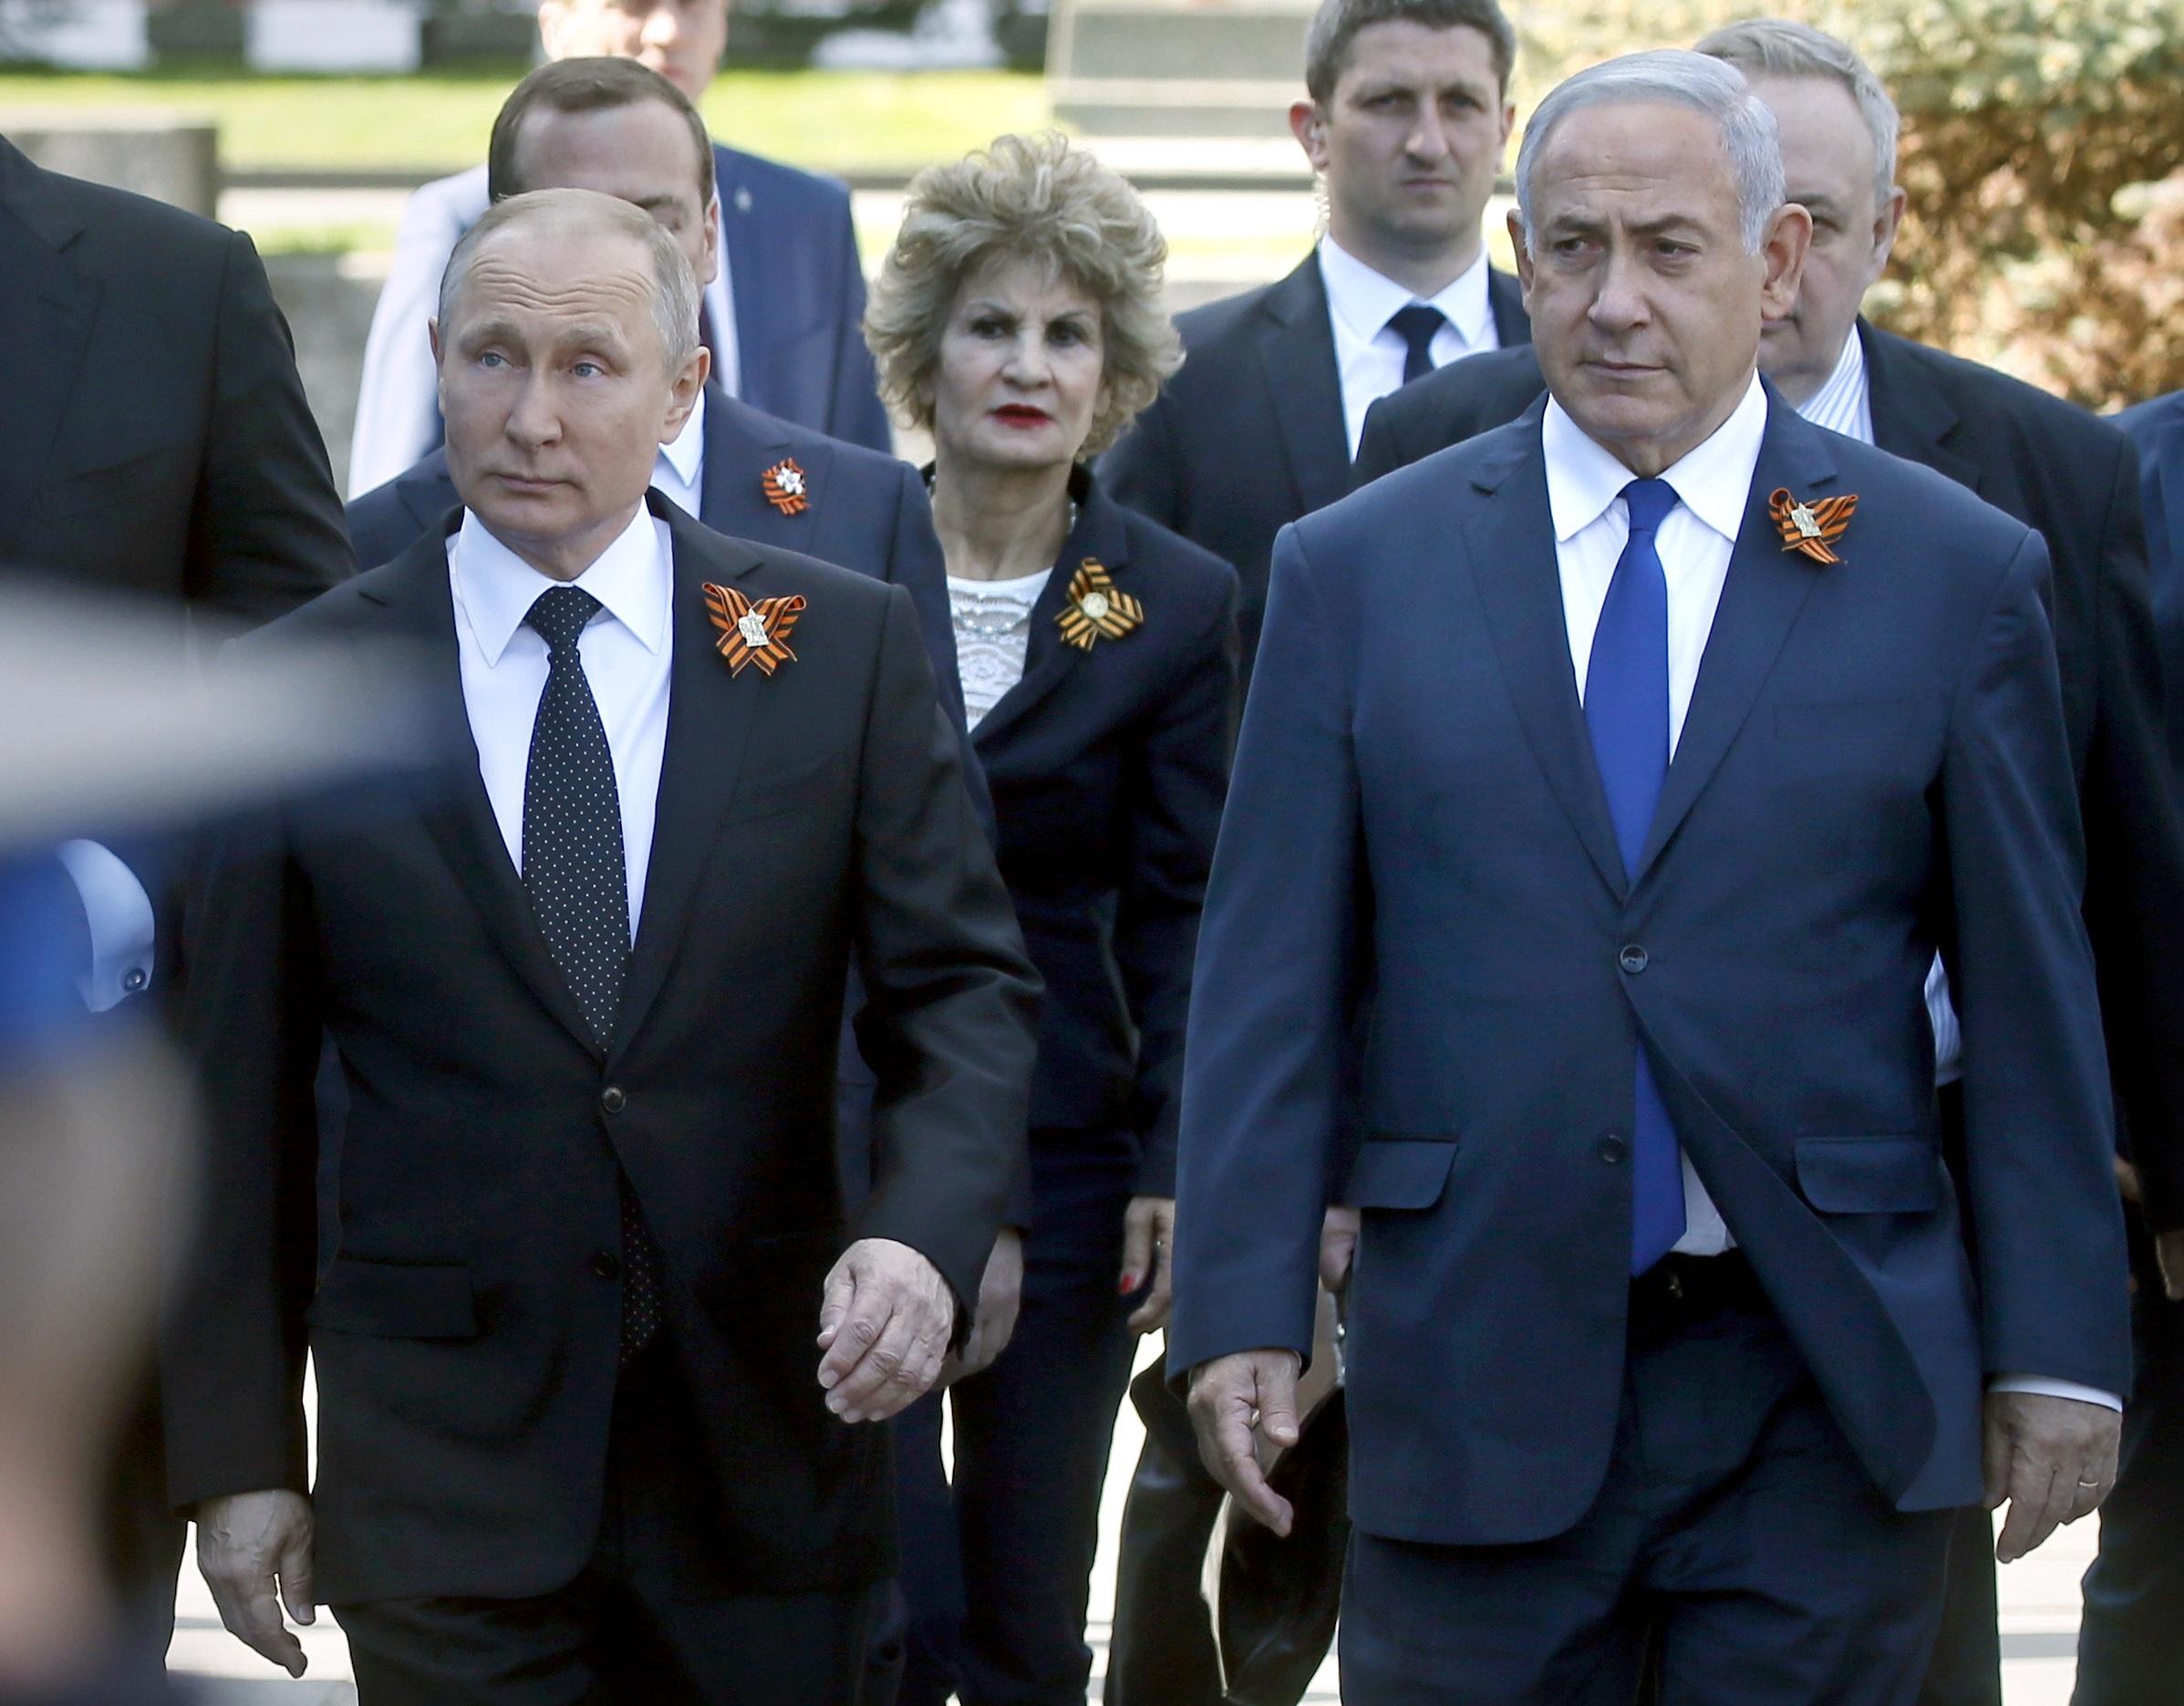 Руският президент Владимир Путин и премиерът на Израел Бенямин Нетаняху идват за парада на Червения площад в Москва.